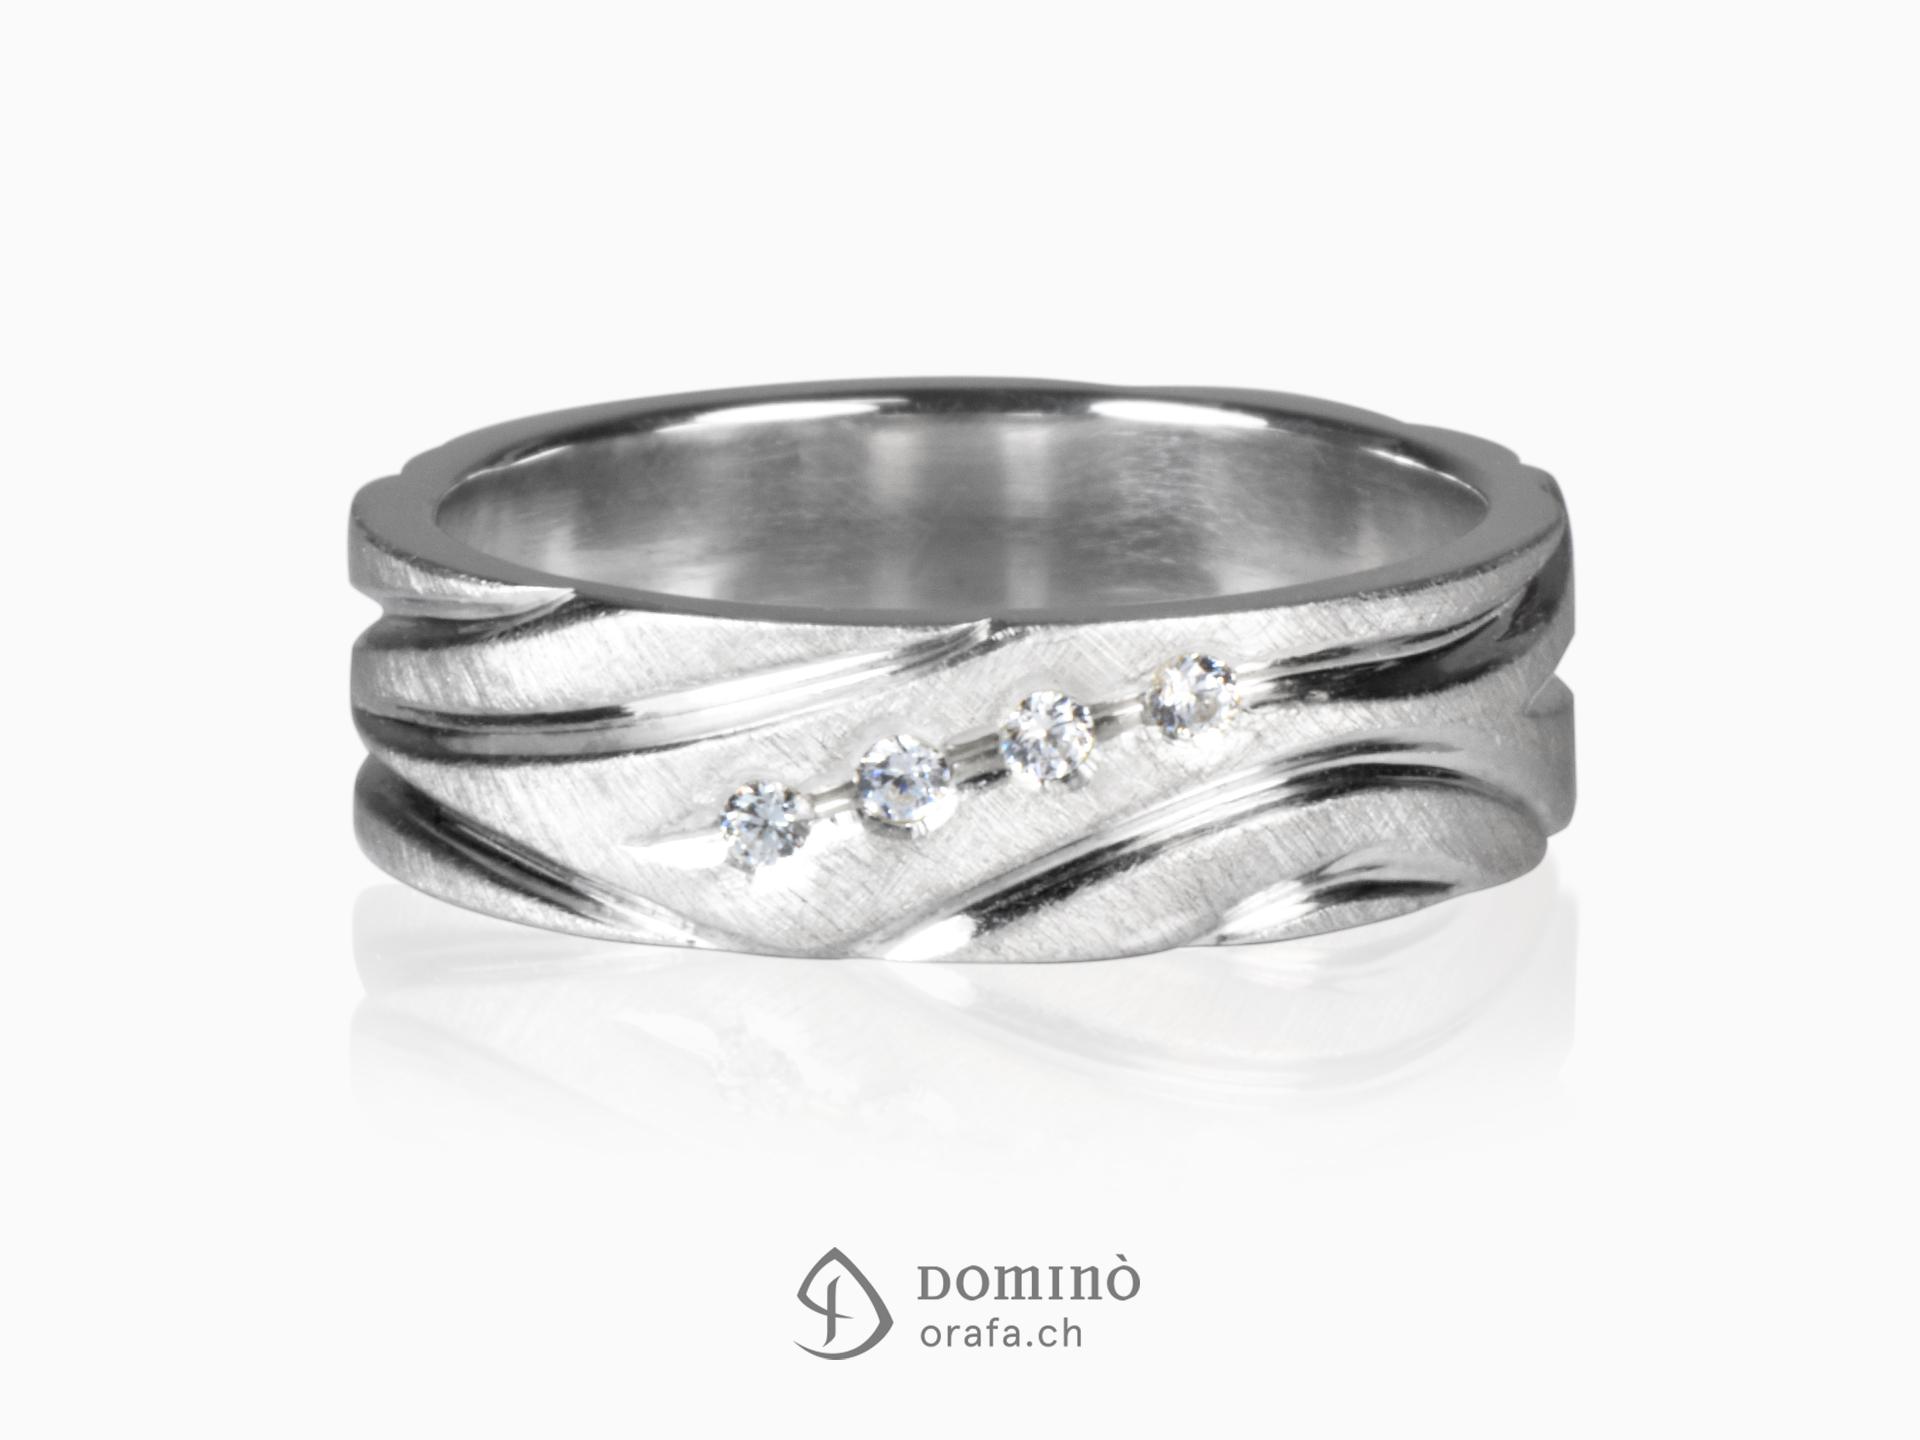 Anello satinato con solchi lucidi e diamanti